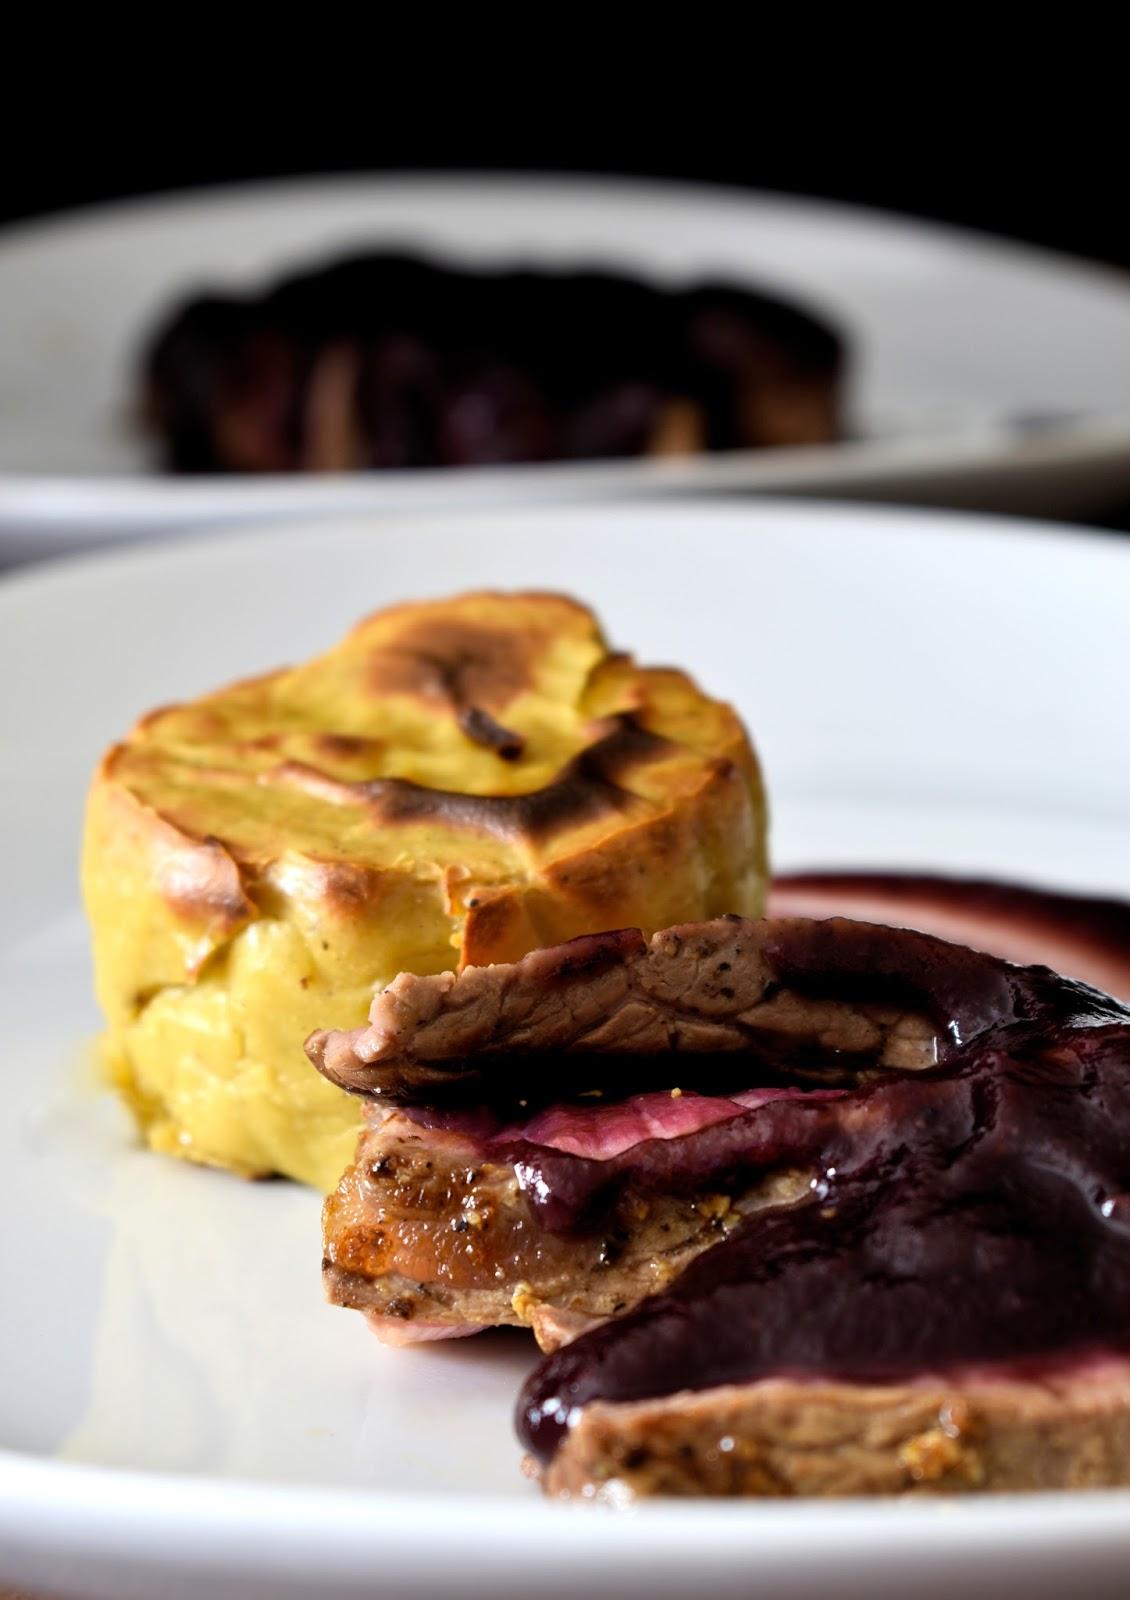 Tagliata con salsa di pere al vino rosso e sformato al gruyere